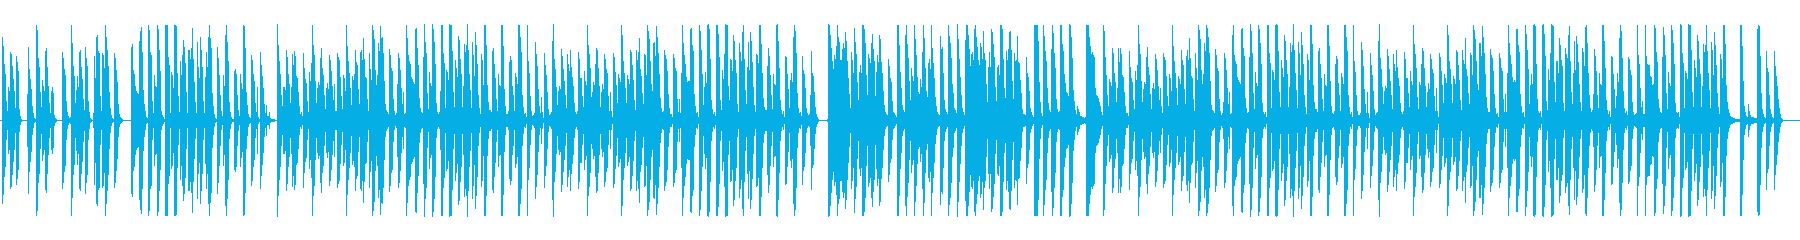 日向ぼっこのような、ほのぼの日常系BGMの再生済みの波形